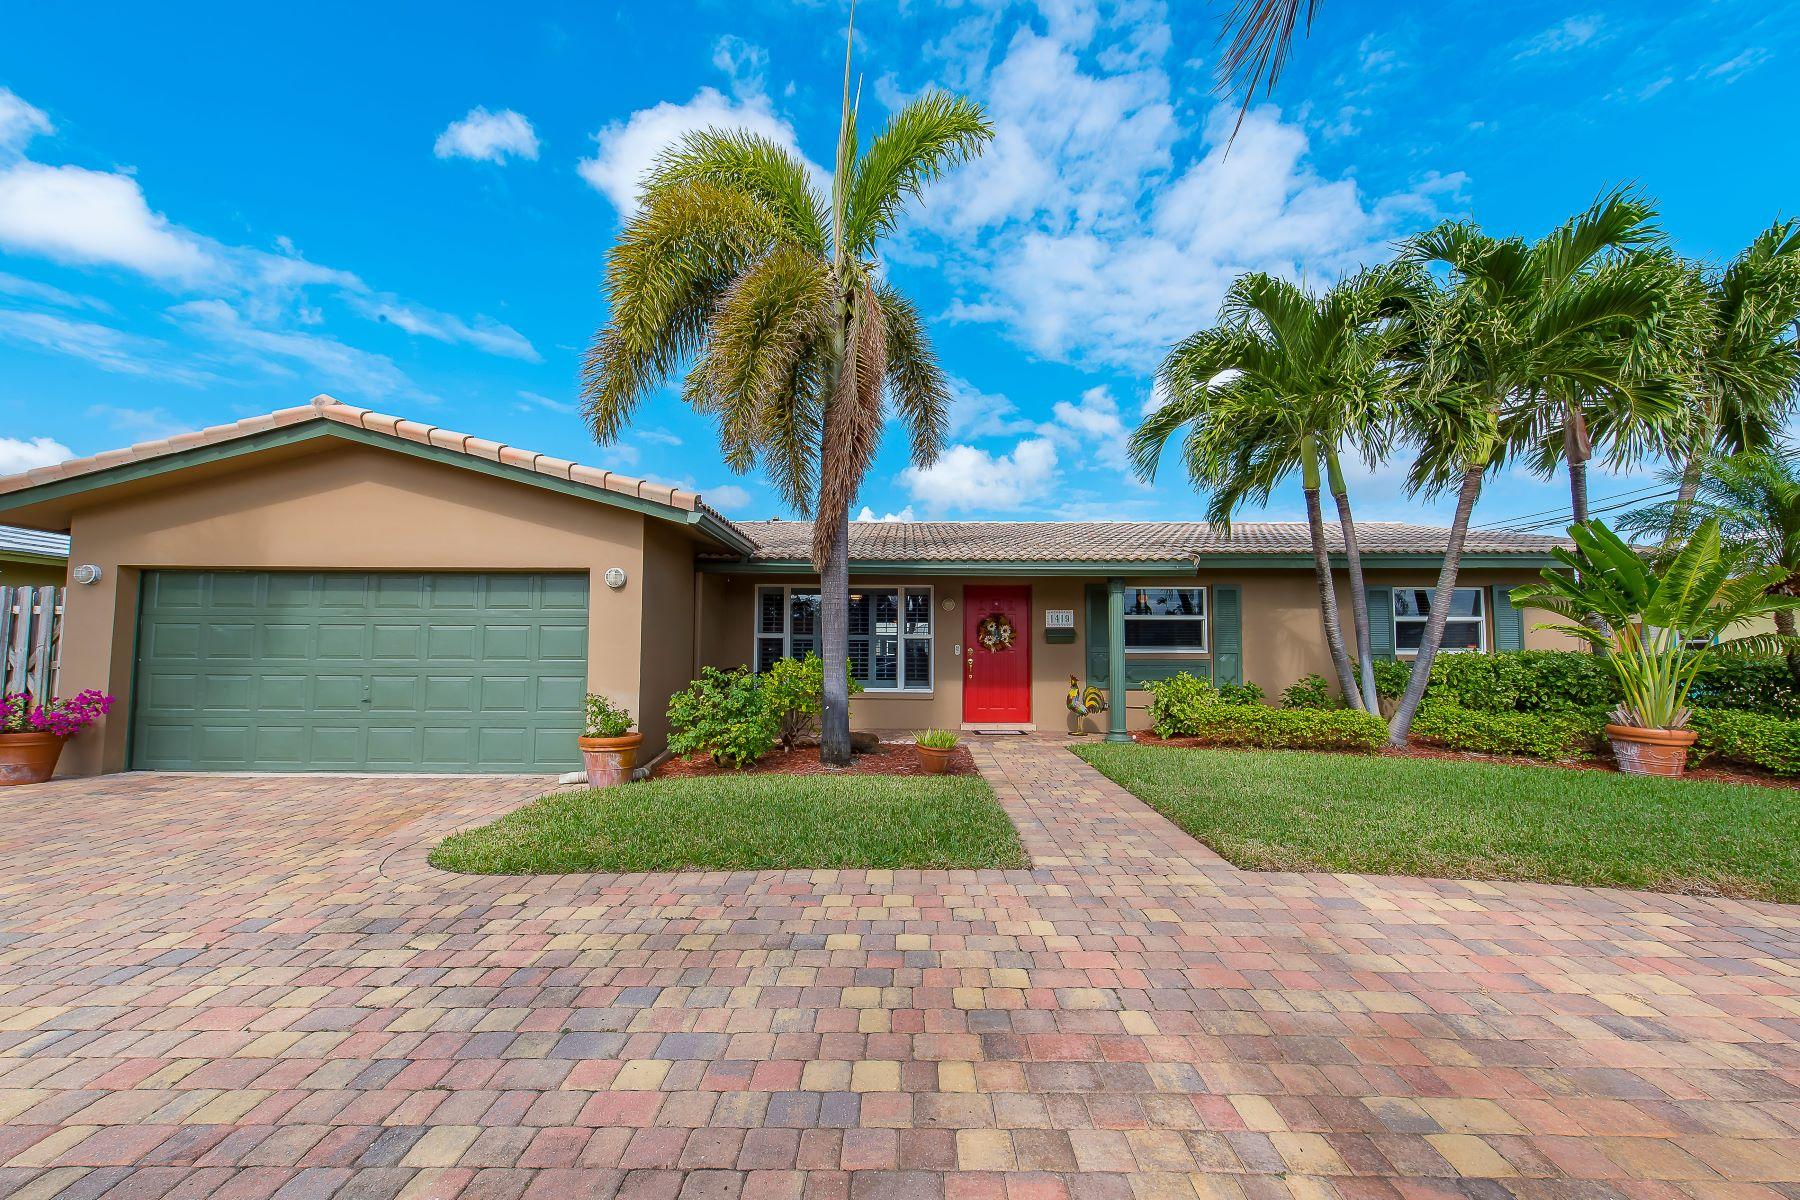 一戸建て のために 売買 アット 1419 Ne 53rd Ct Fort Lauderdale, フロリダ, 33334 アメリカ合衆国